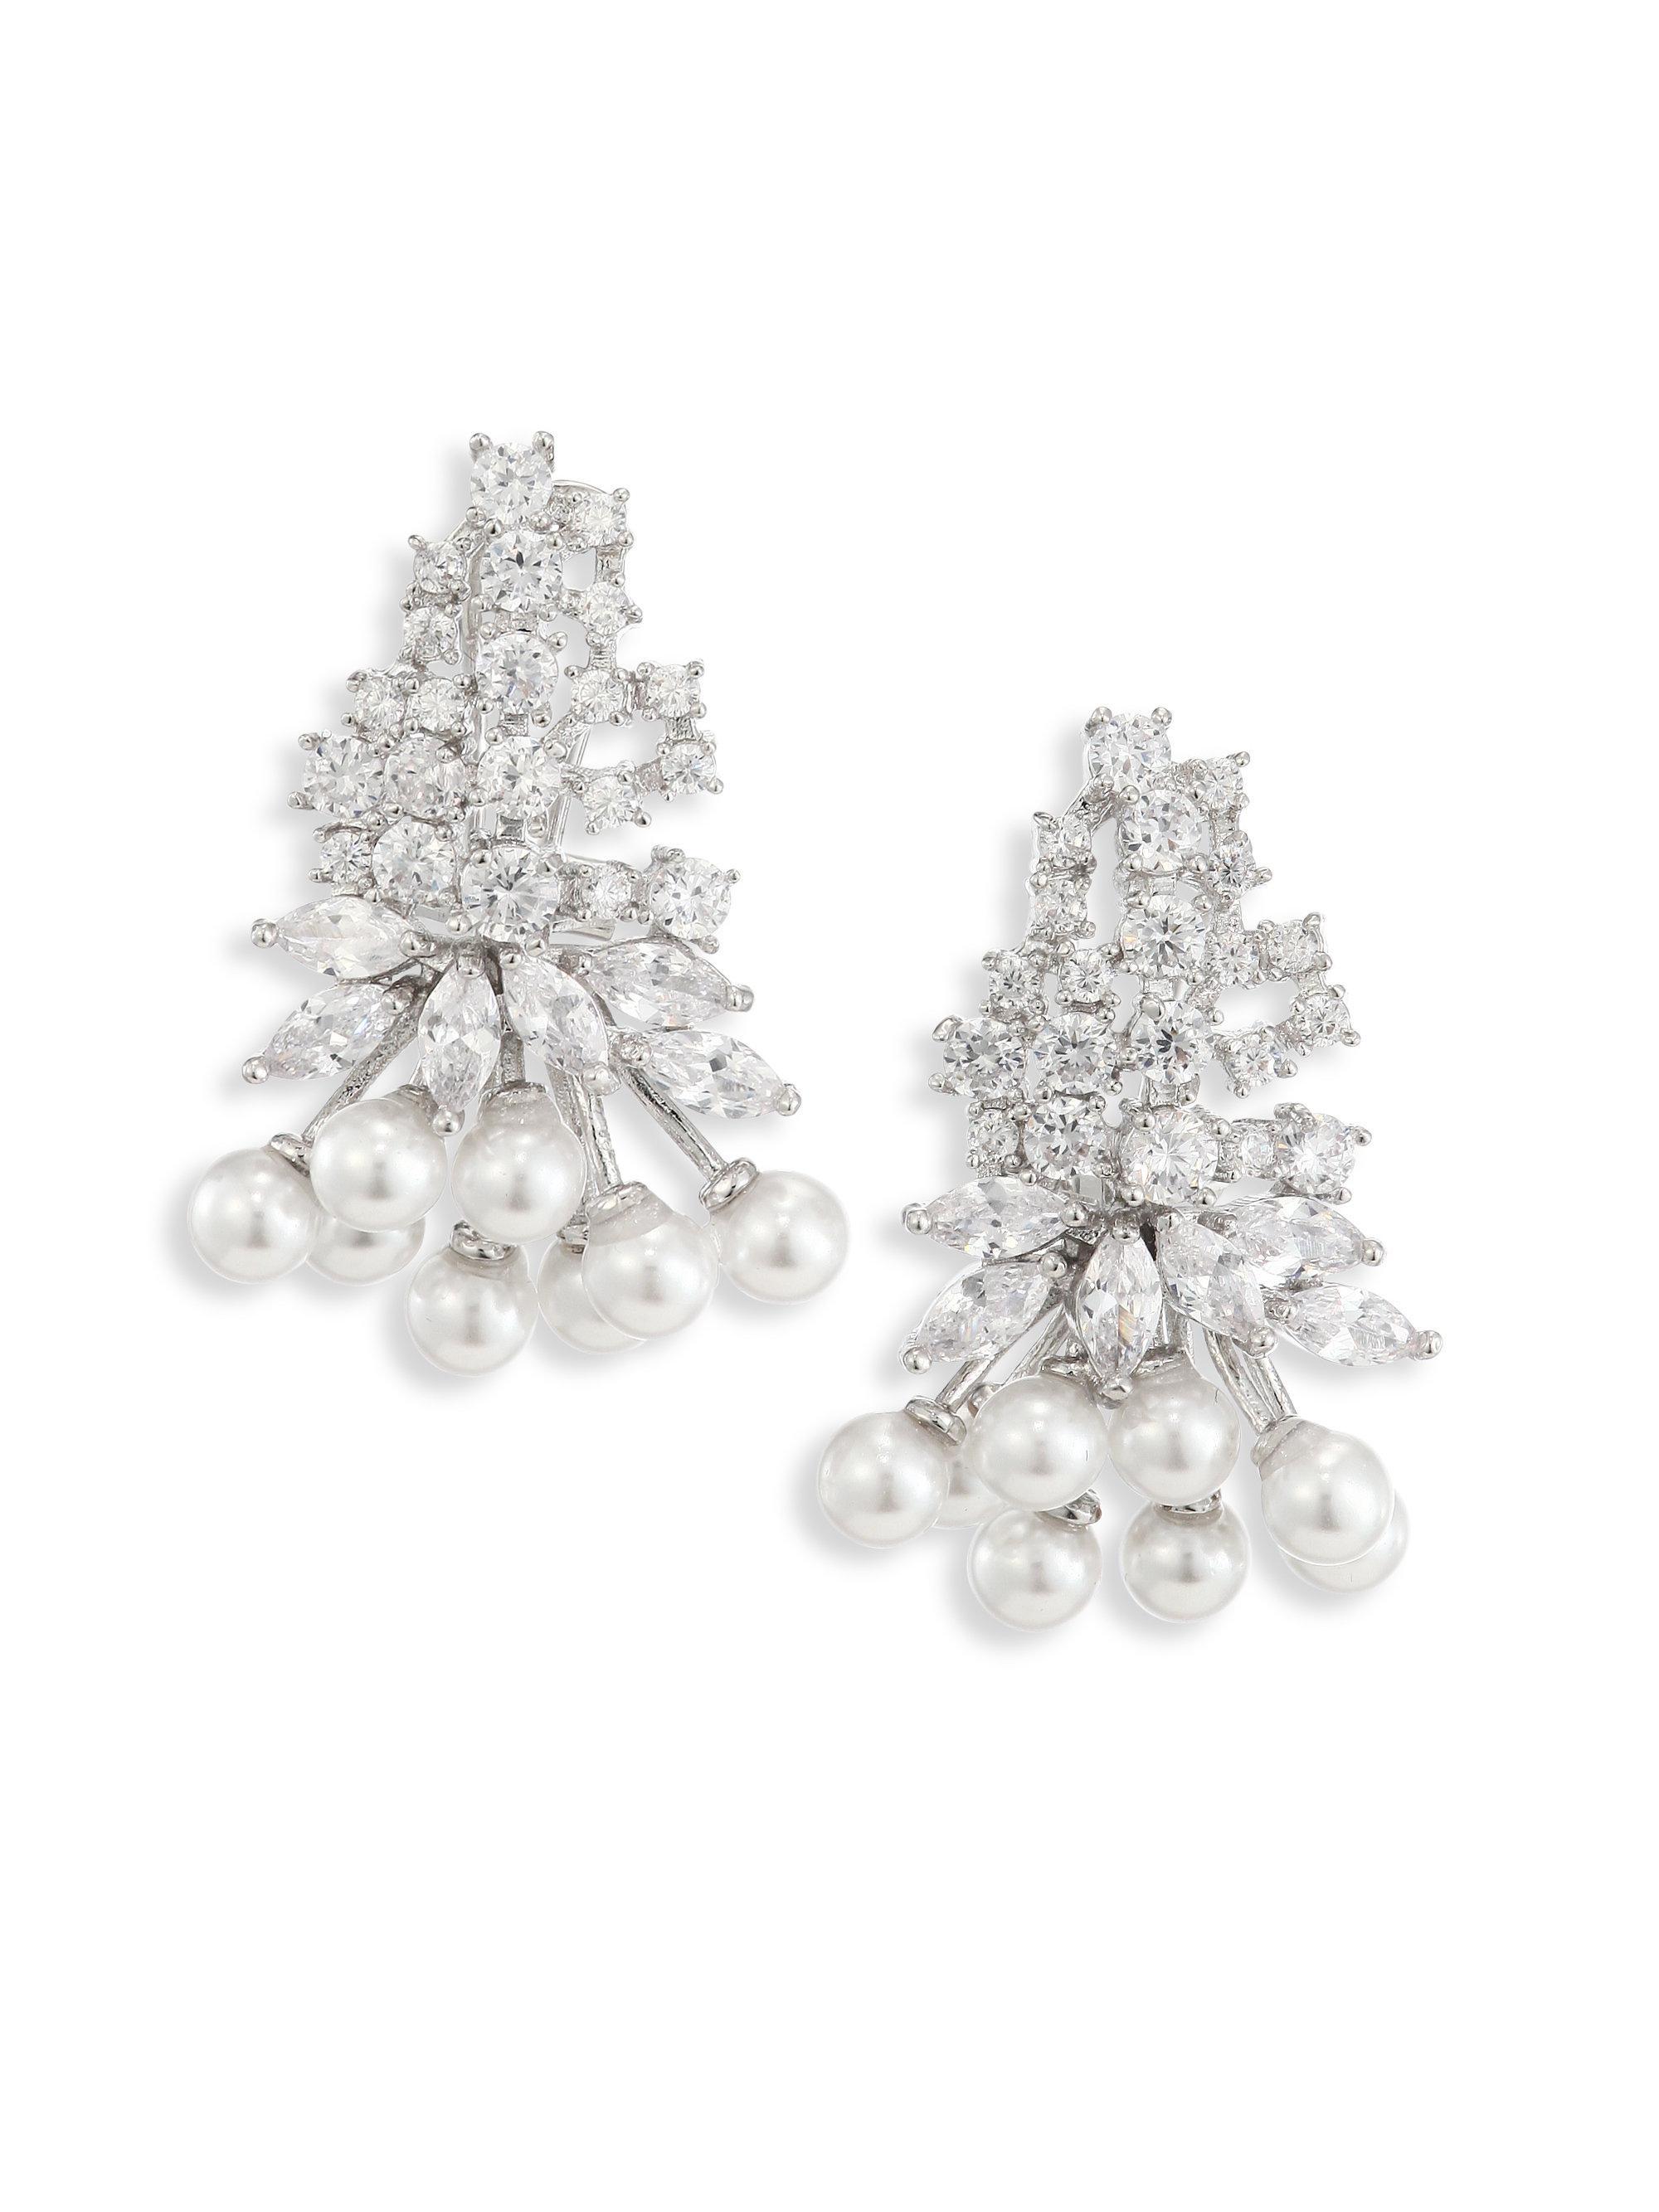 Fallon Monarch Mini Cluster Crystal Earrings Tt8waFuhE